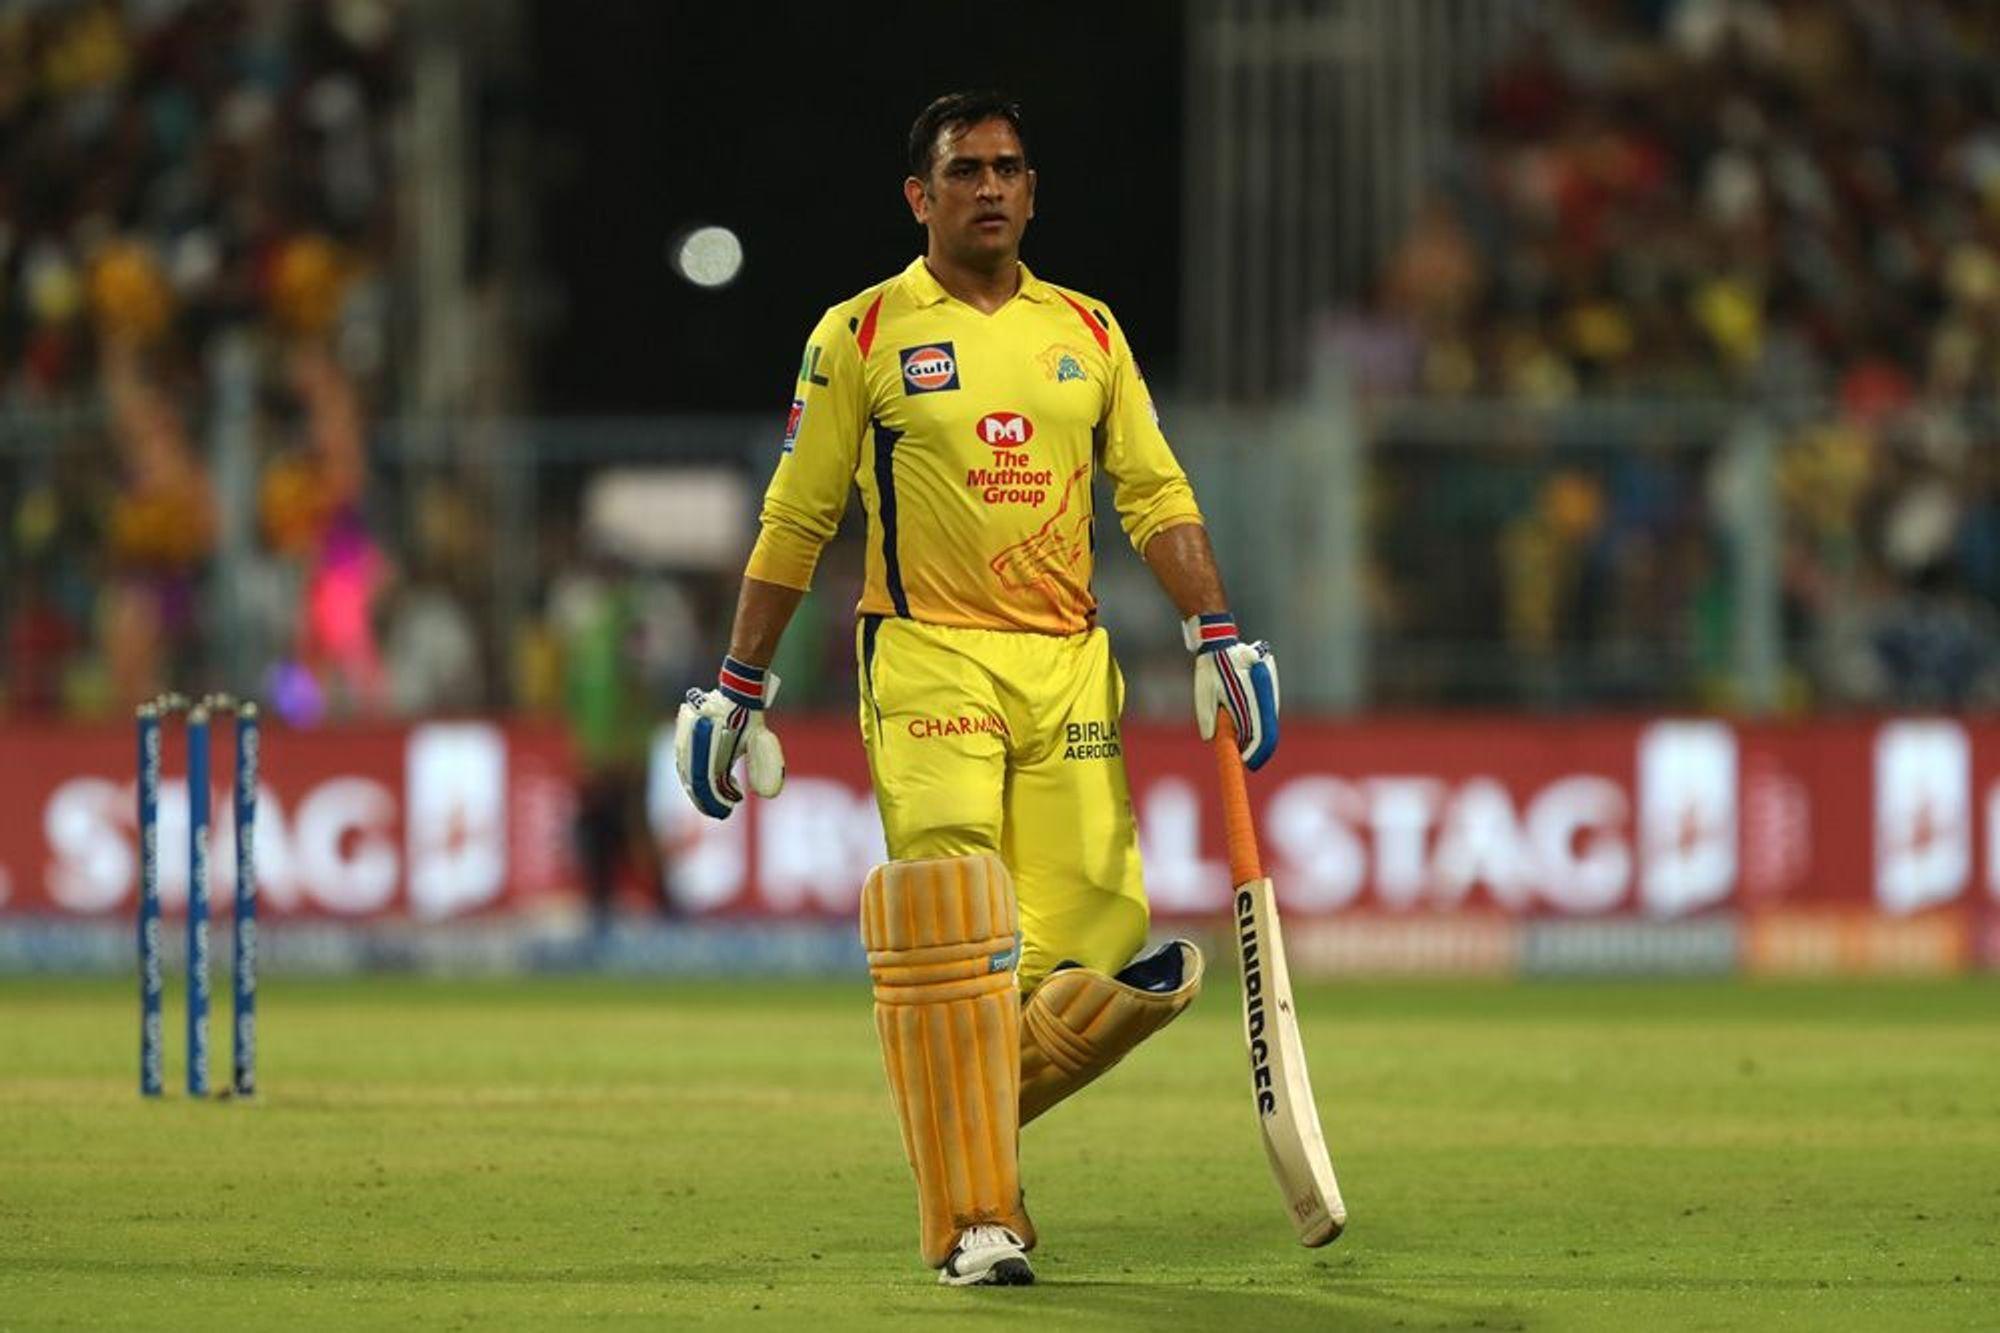 मुंबई के खिलाफ मिली करारी हार के बाद अंबाती रायडू के ऊपर तंज कसते हर नजर आये हरभजन सिंह, धोनी के लिए भी कही यह बात 3